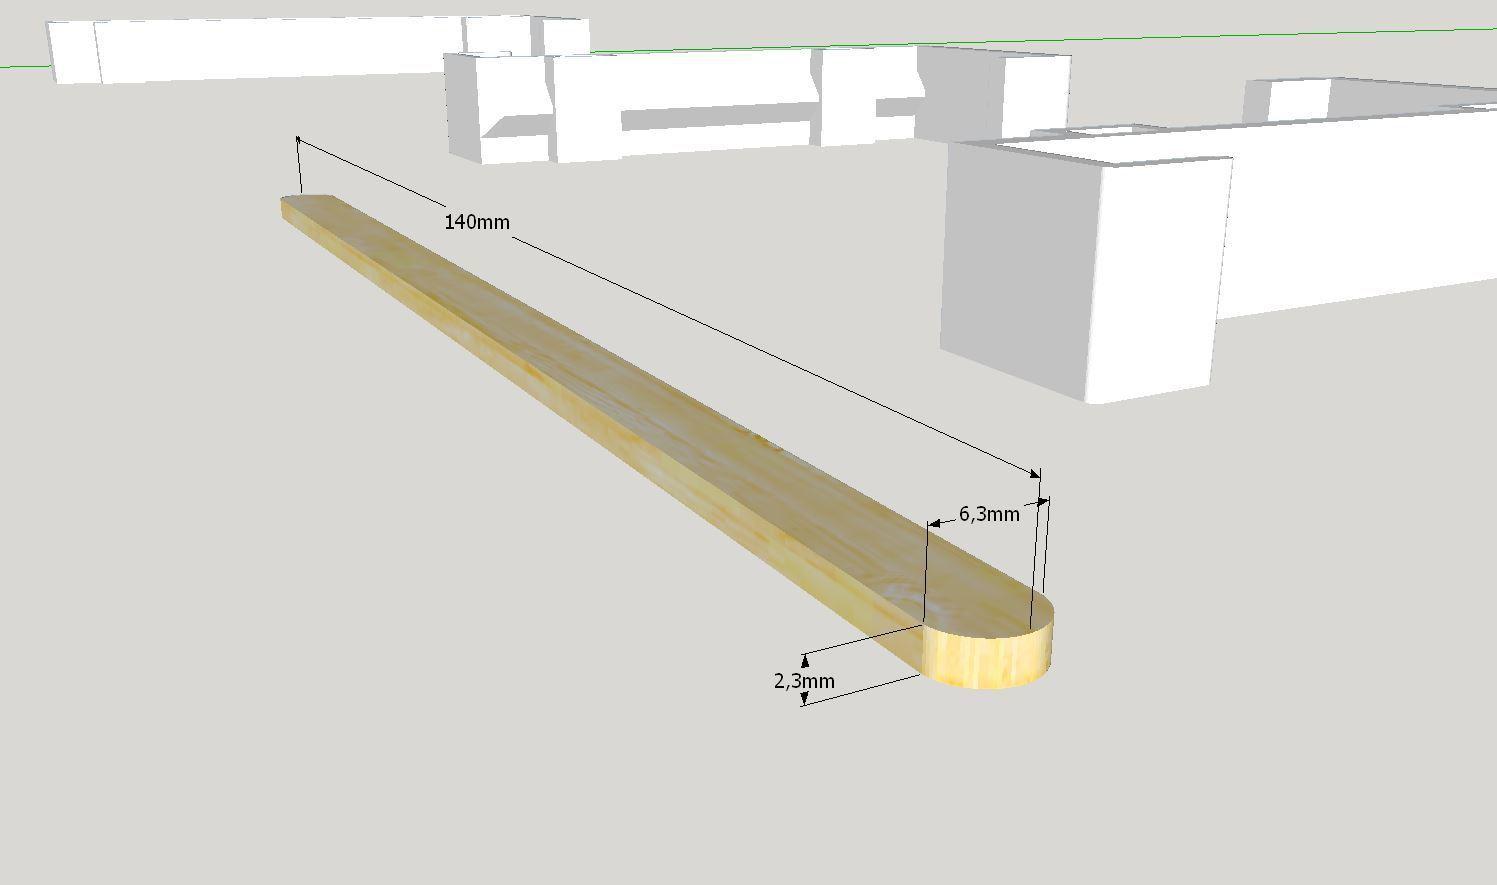 2019-09-21_11_00_08-Untitled_-_SketchUp_Make_2016.jpg Télécharger fichier STL gratuit Support de téléphone pour lit IKEA STUVA / FRITIDS • Plan pour impression 3D, Milan_Gajic